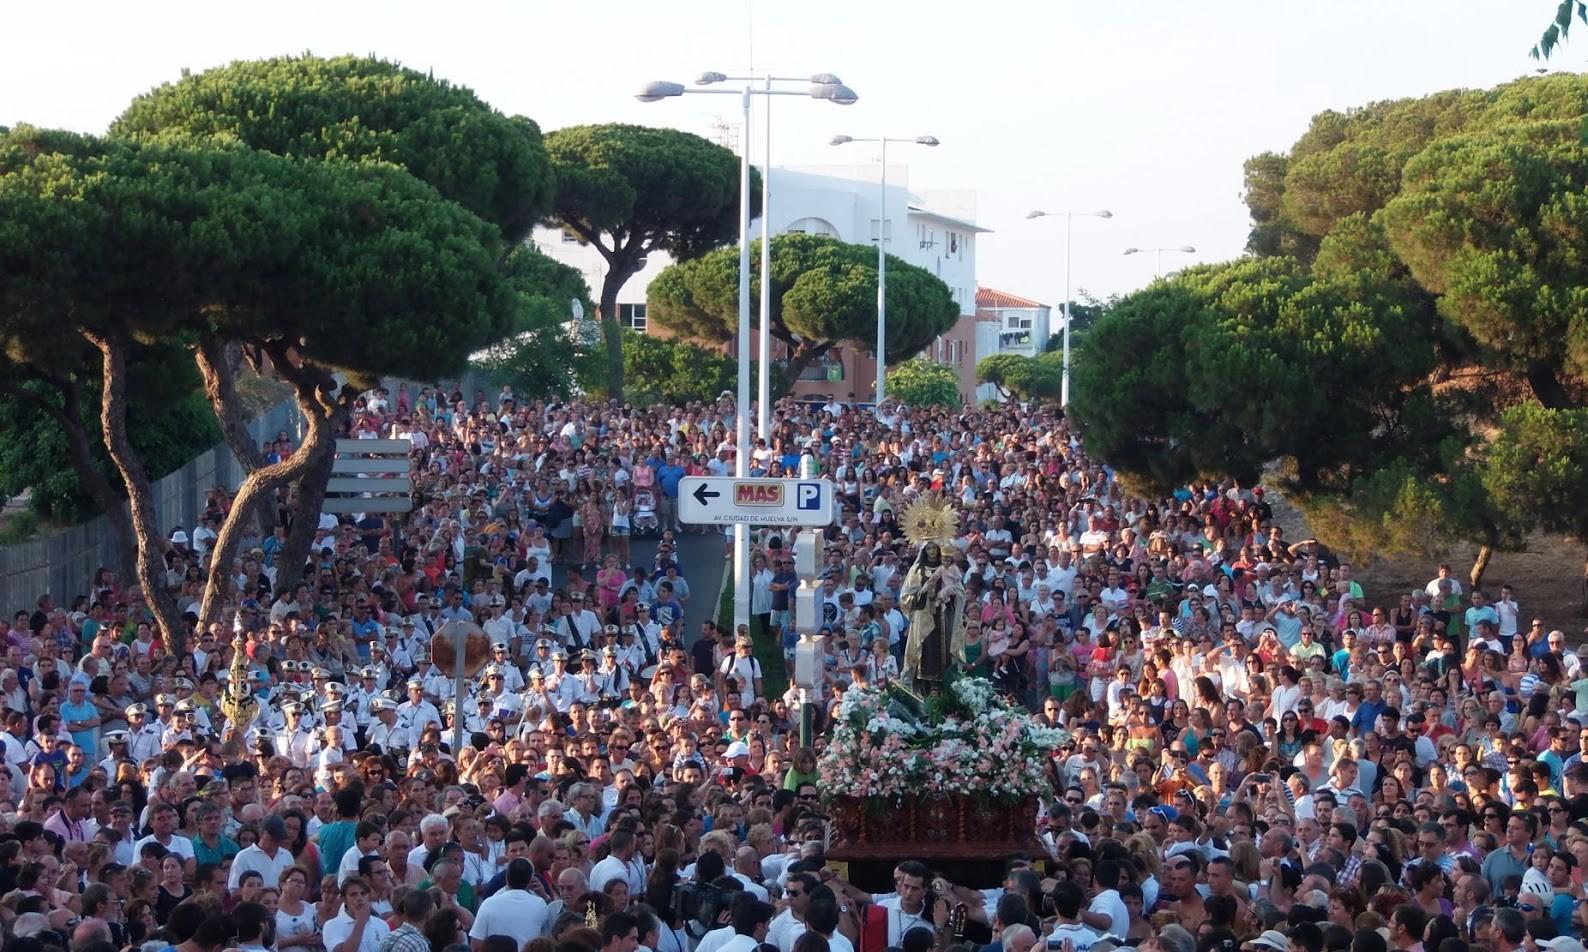 La Virgen del Carmen procesiona en Punta Umbría